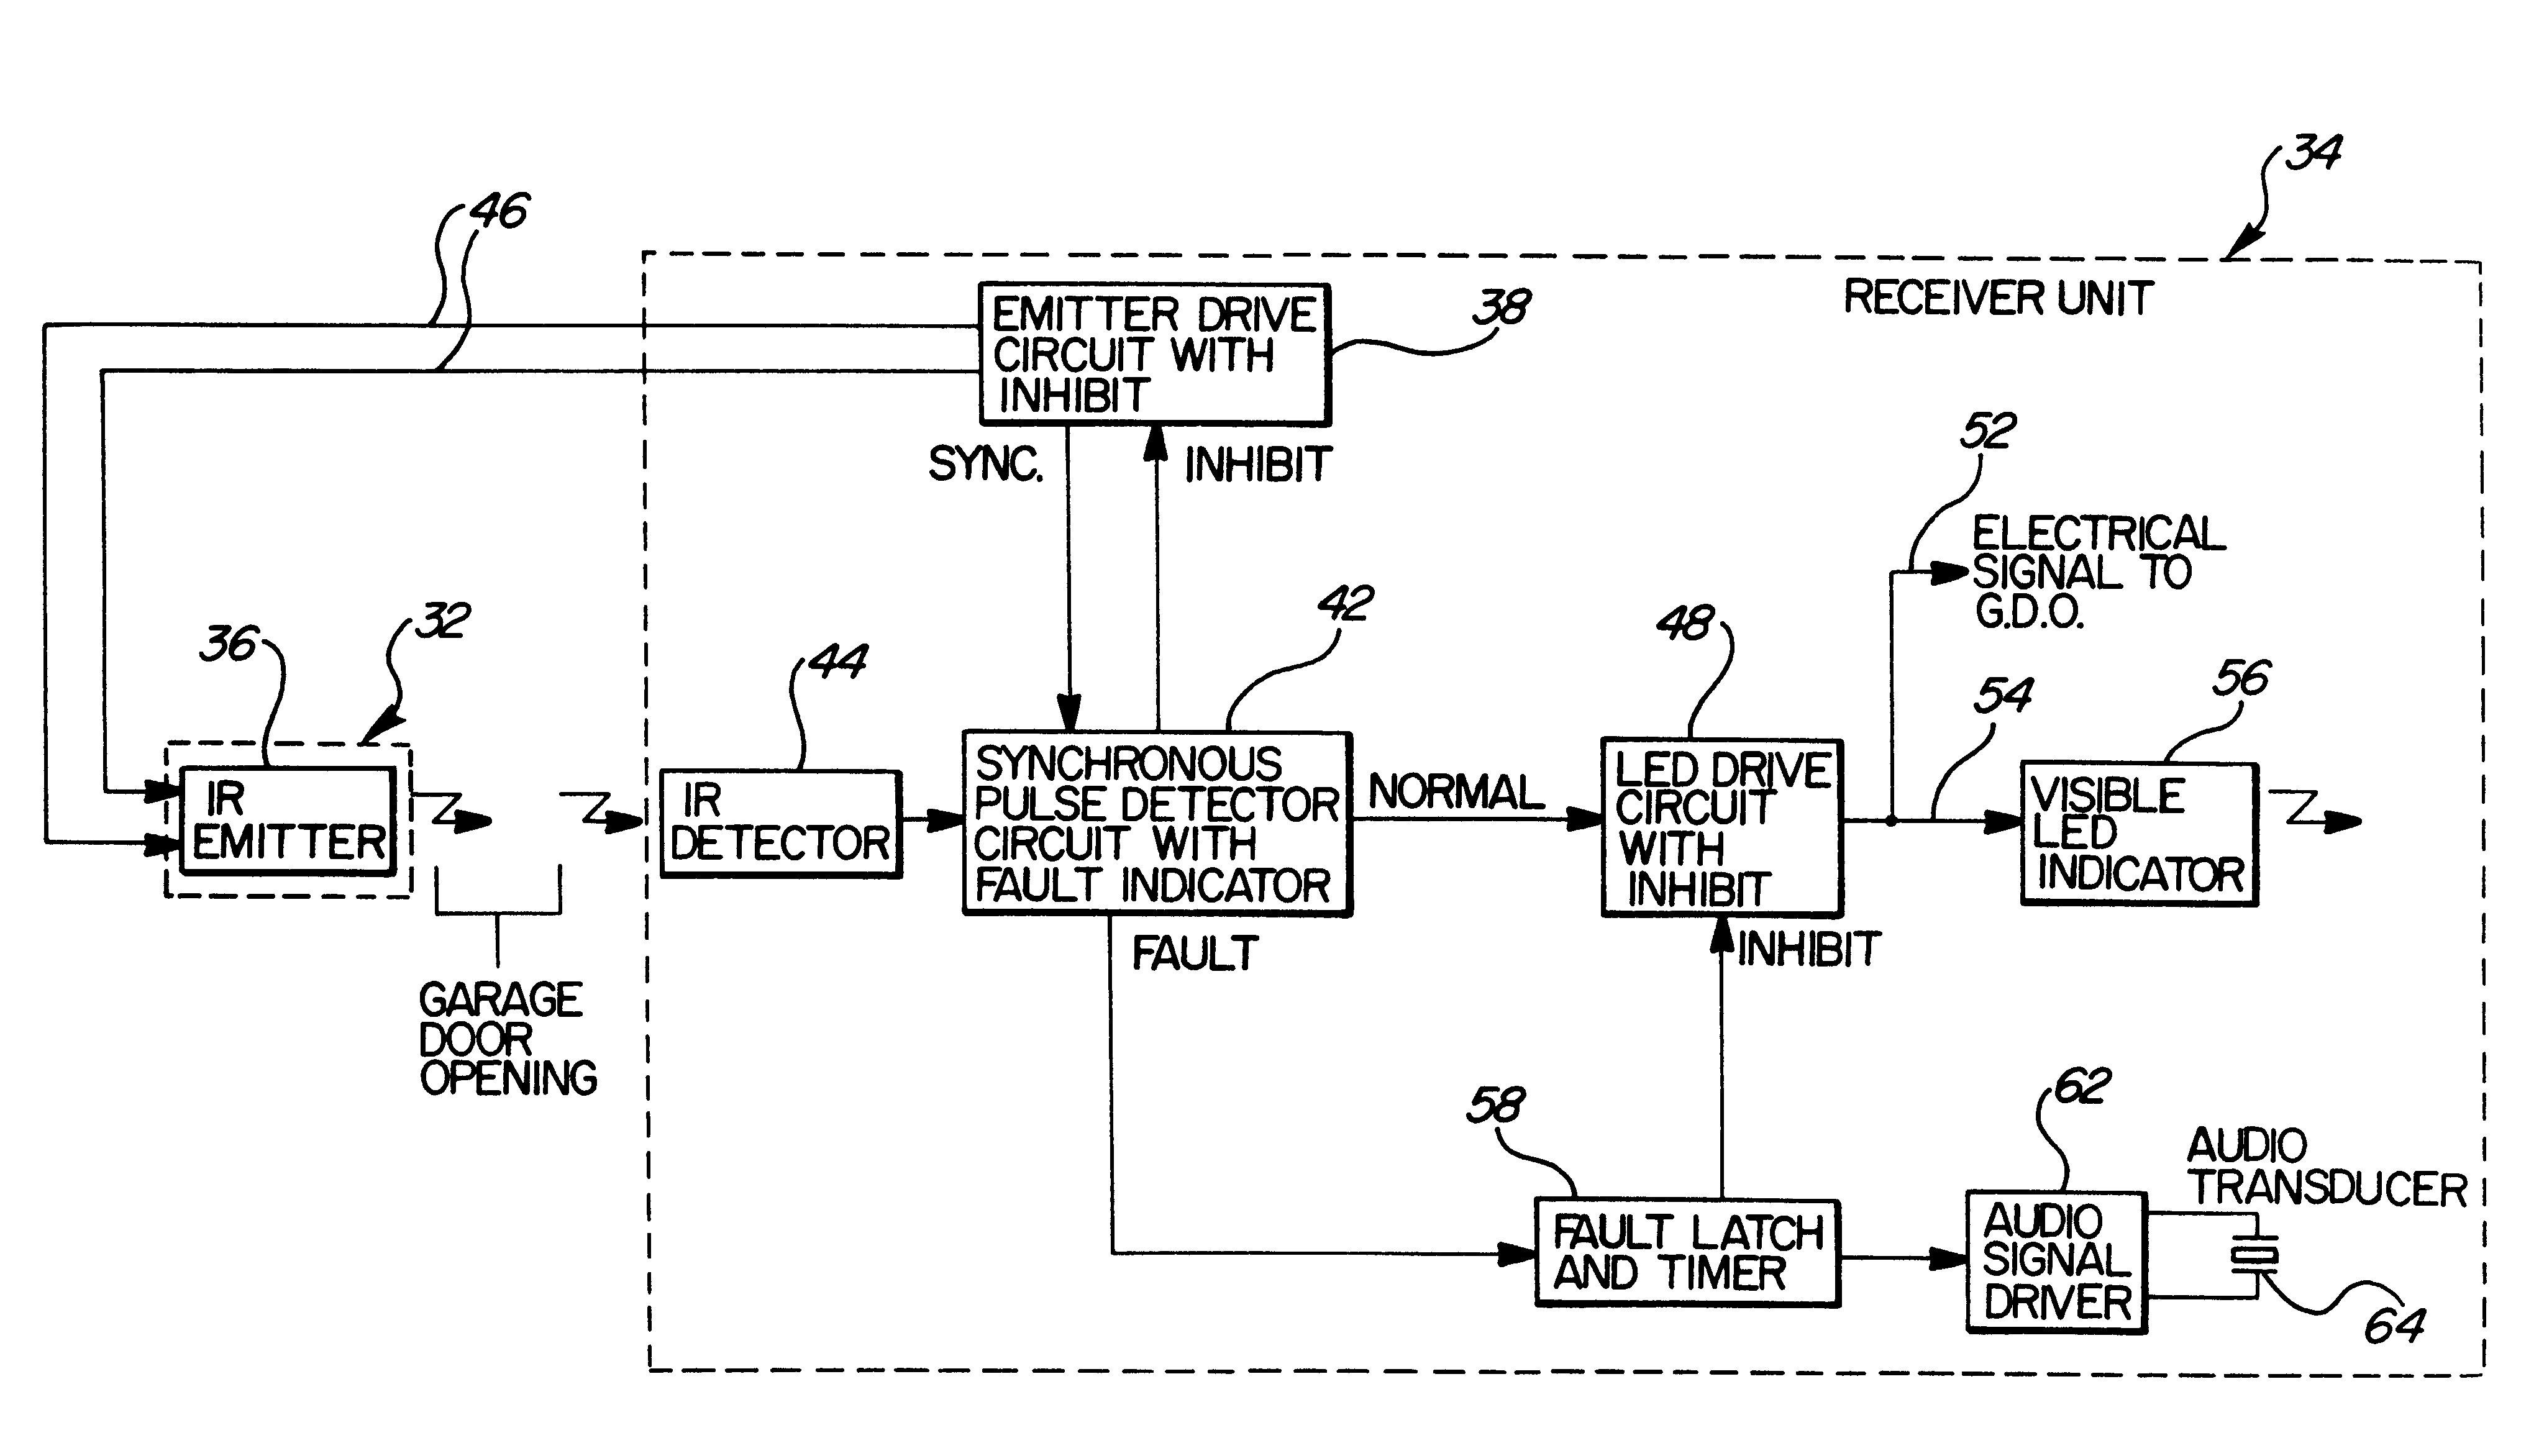 Basi Garage Door Opener Wiring Diagram on